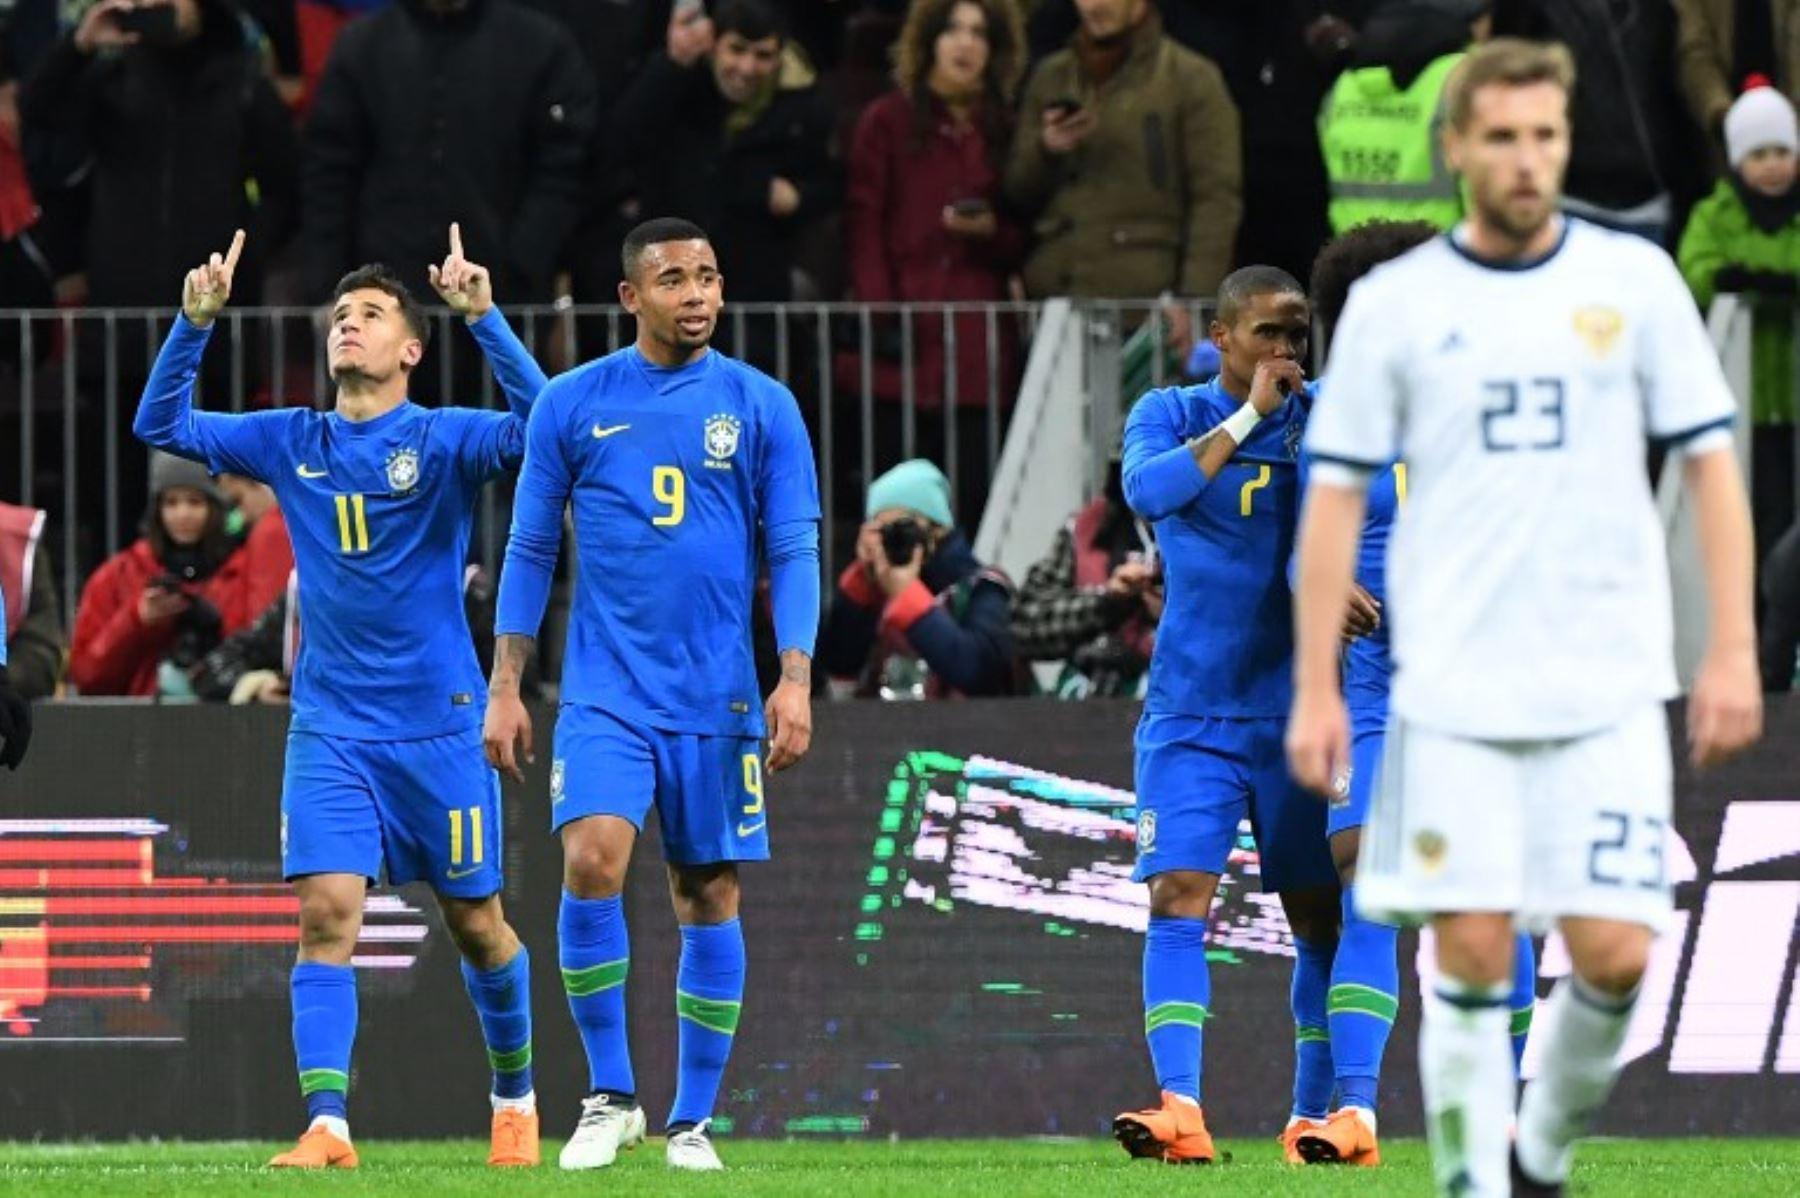 El brasileño Philippe Coutinho, el delantero brGabriel Jesus y el centrocampista brasileño Douglas Costa celebran durante un partido de fútbol internacional amistoso entre Rusia y Brasil .Foto:AFP